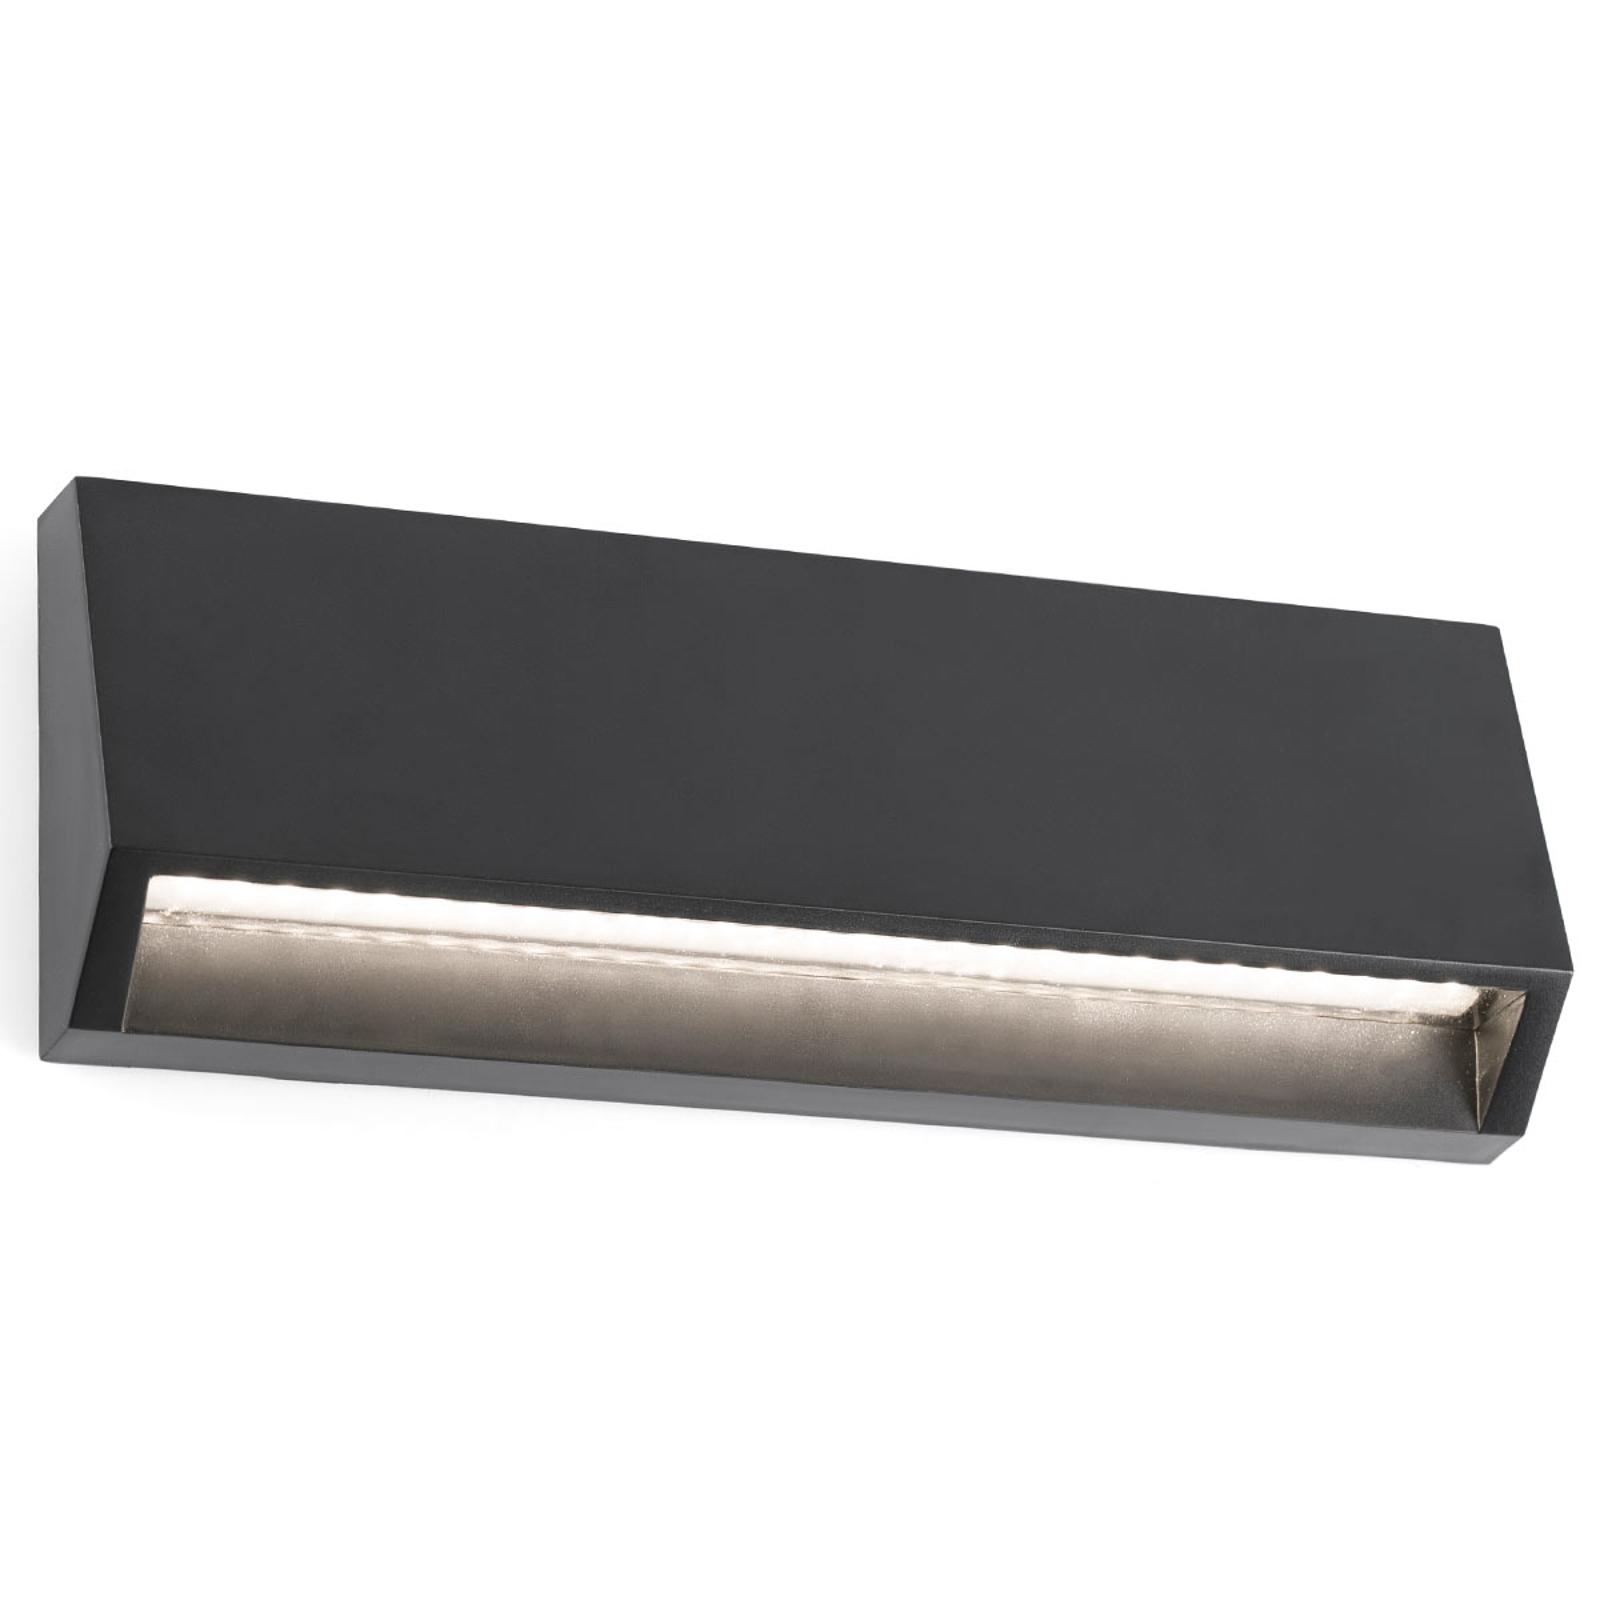 Hoekige LED buitenwandlamp Must - 21,7 cm